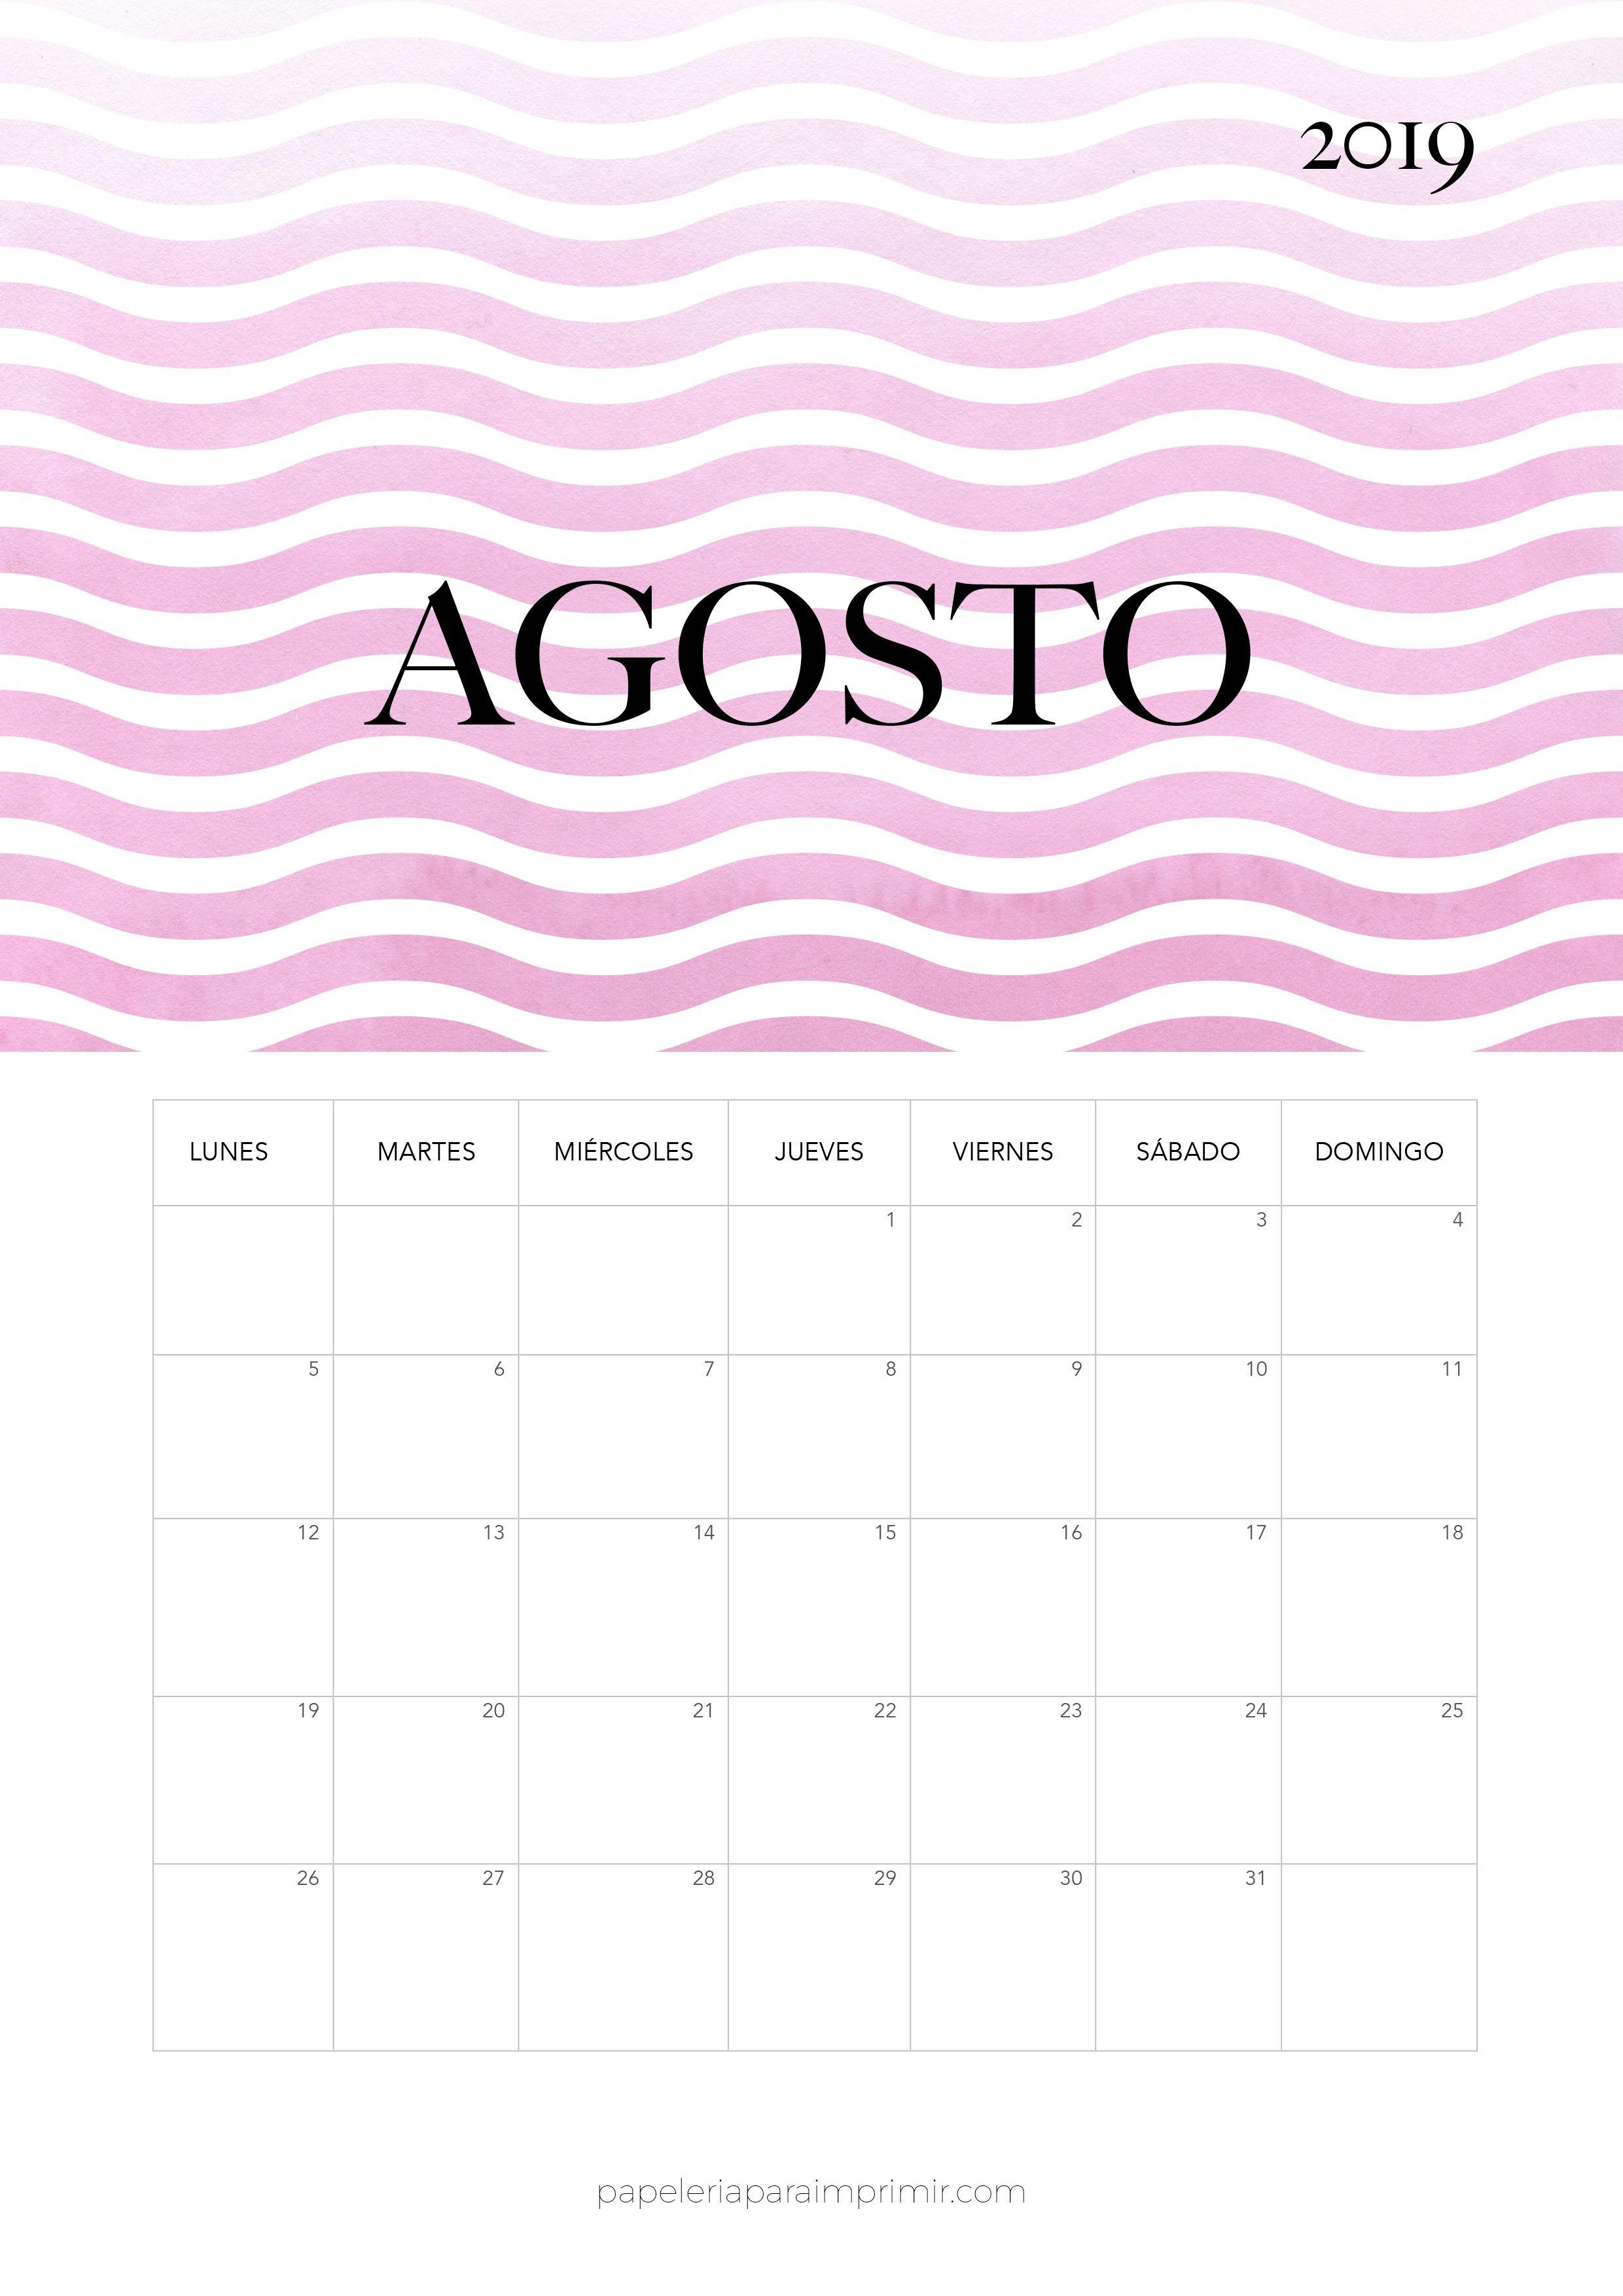 Calendario 2019 Agosto Calendario mensual moderno de estilo minimal